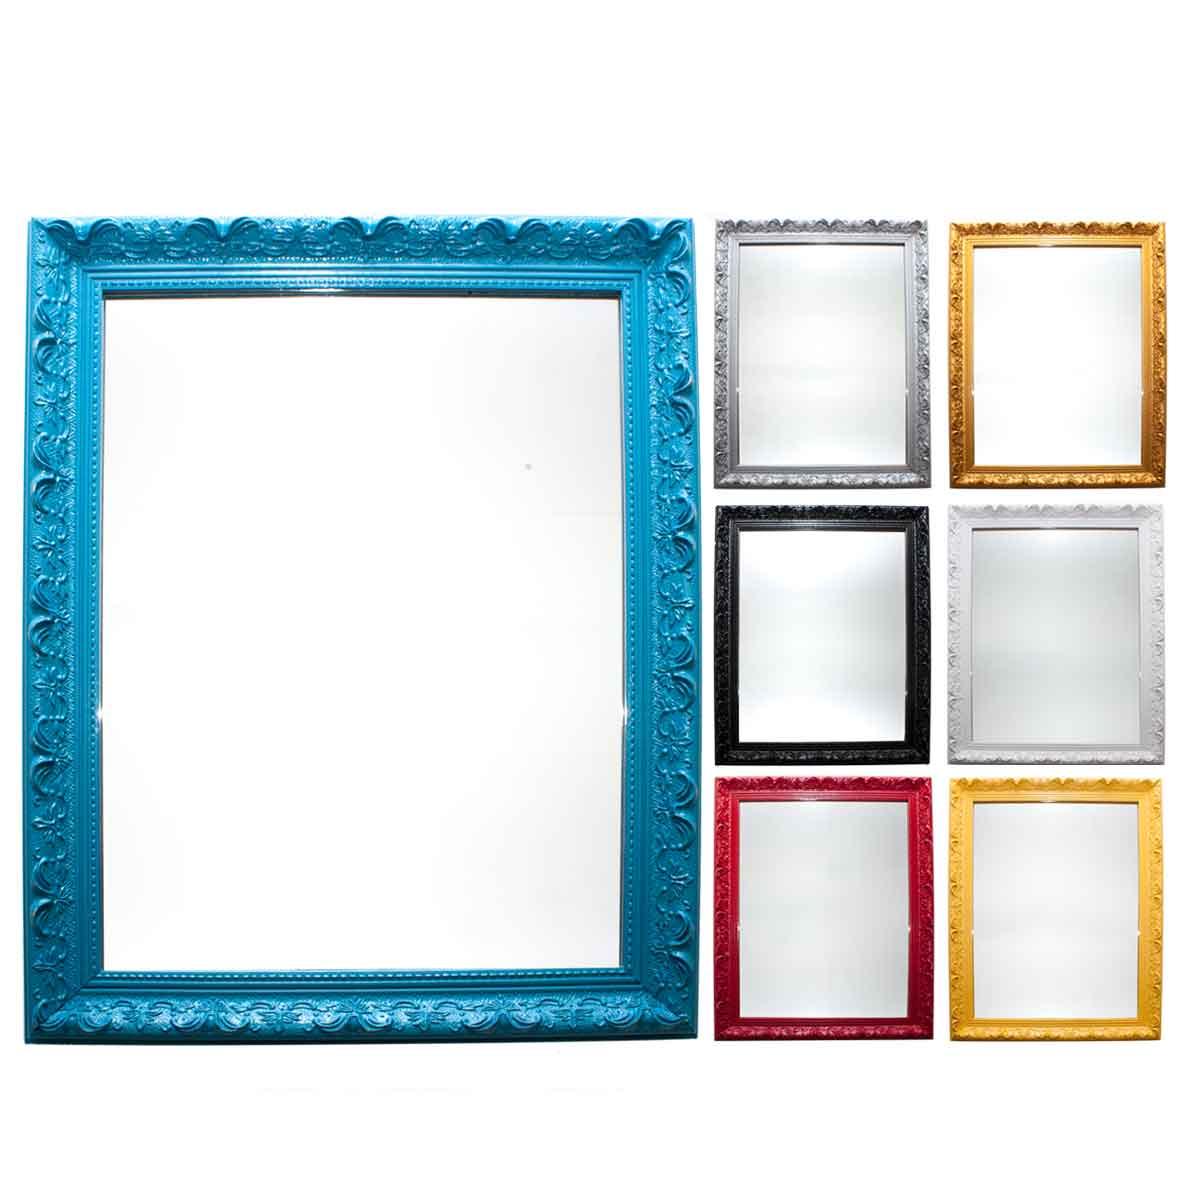 Espelho Moldura Vintage Rococó Moderno Decoração Vertical